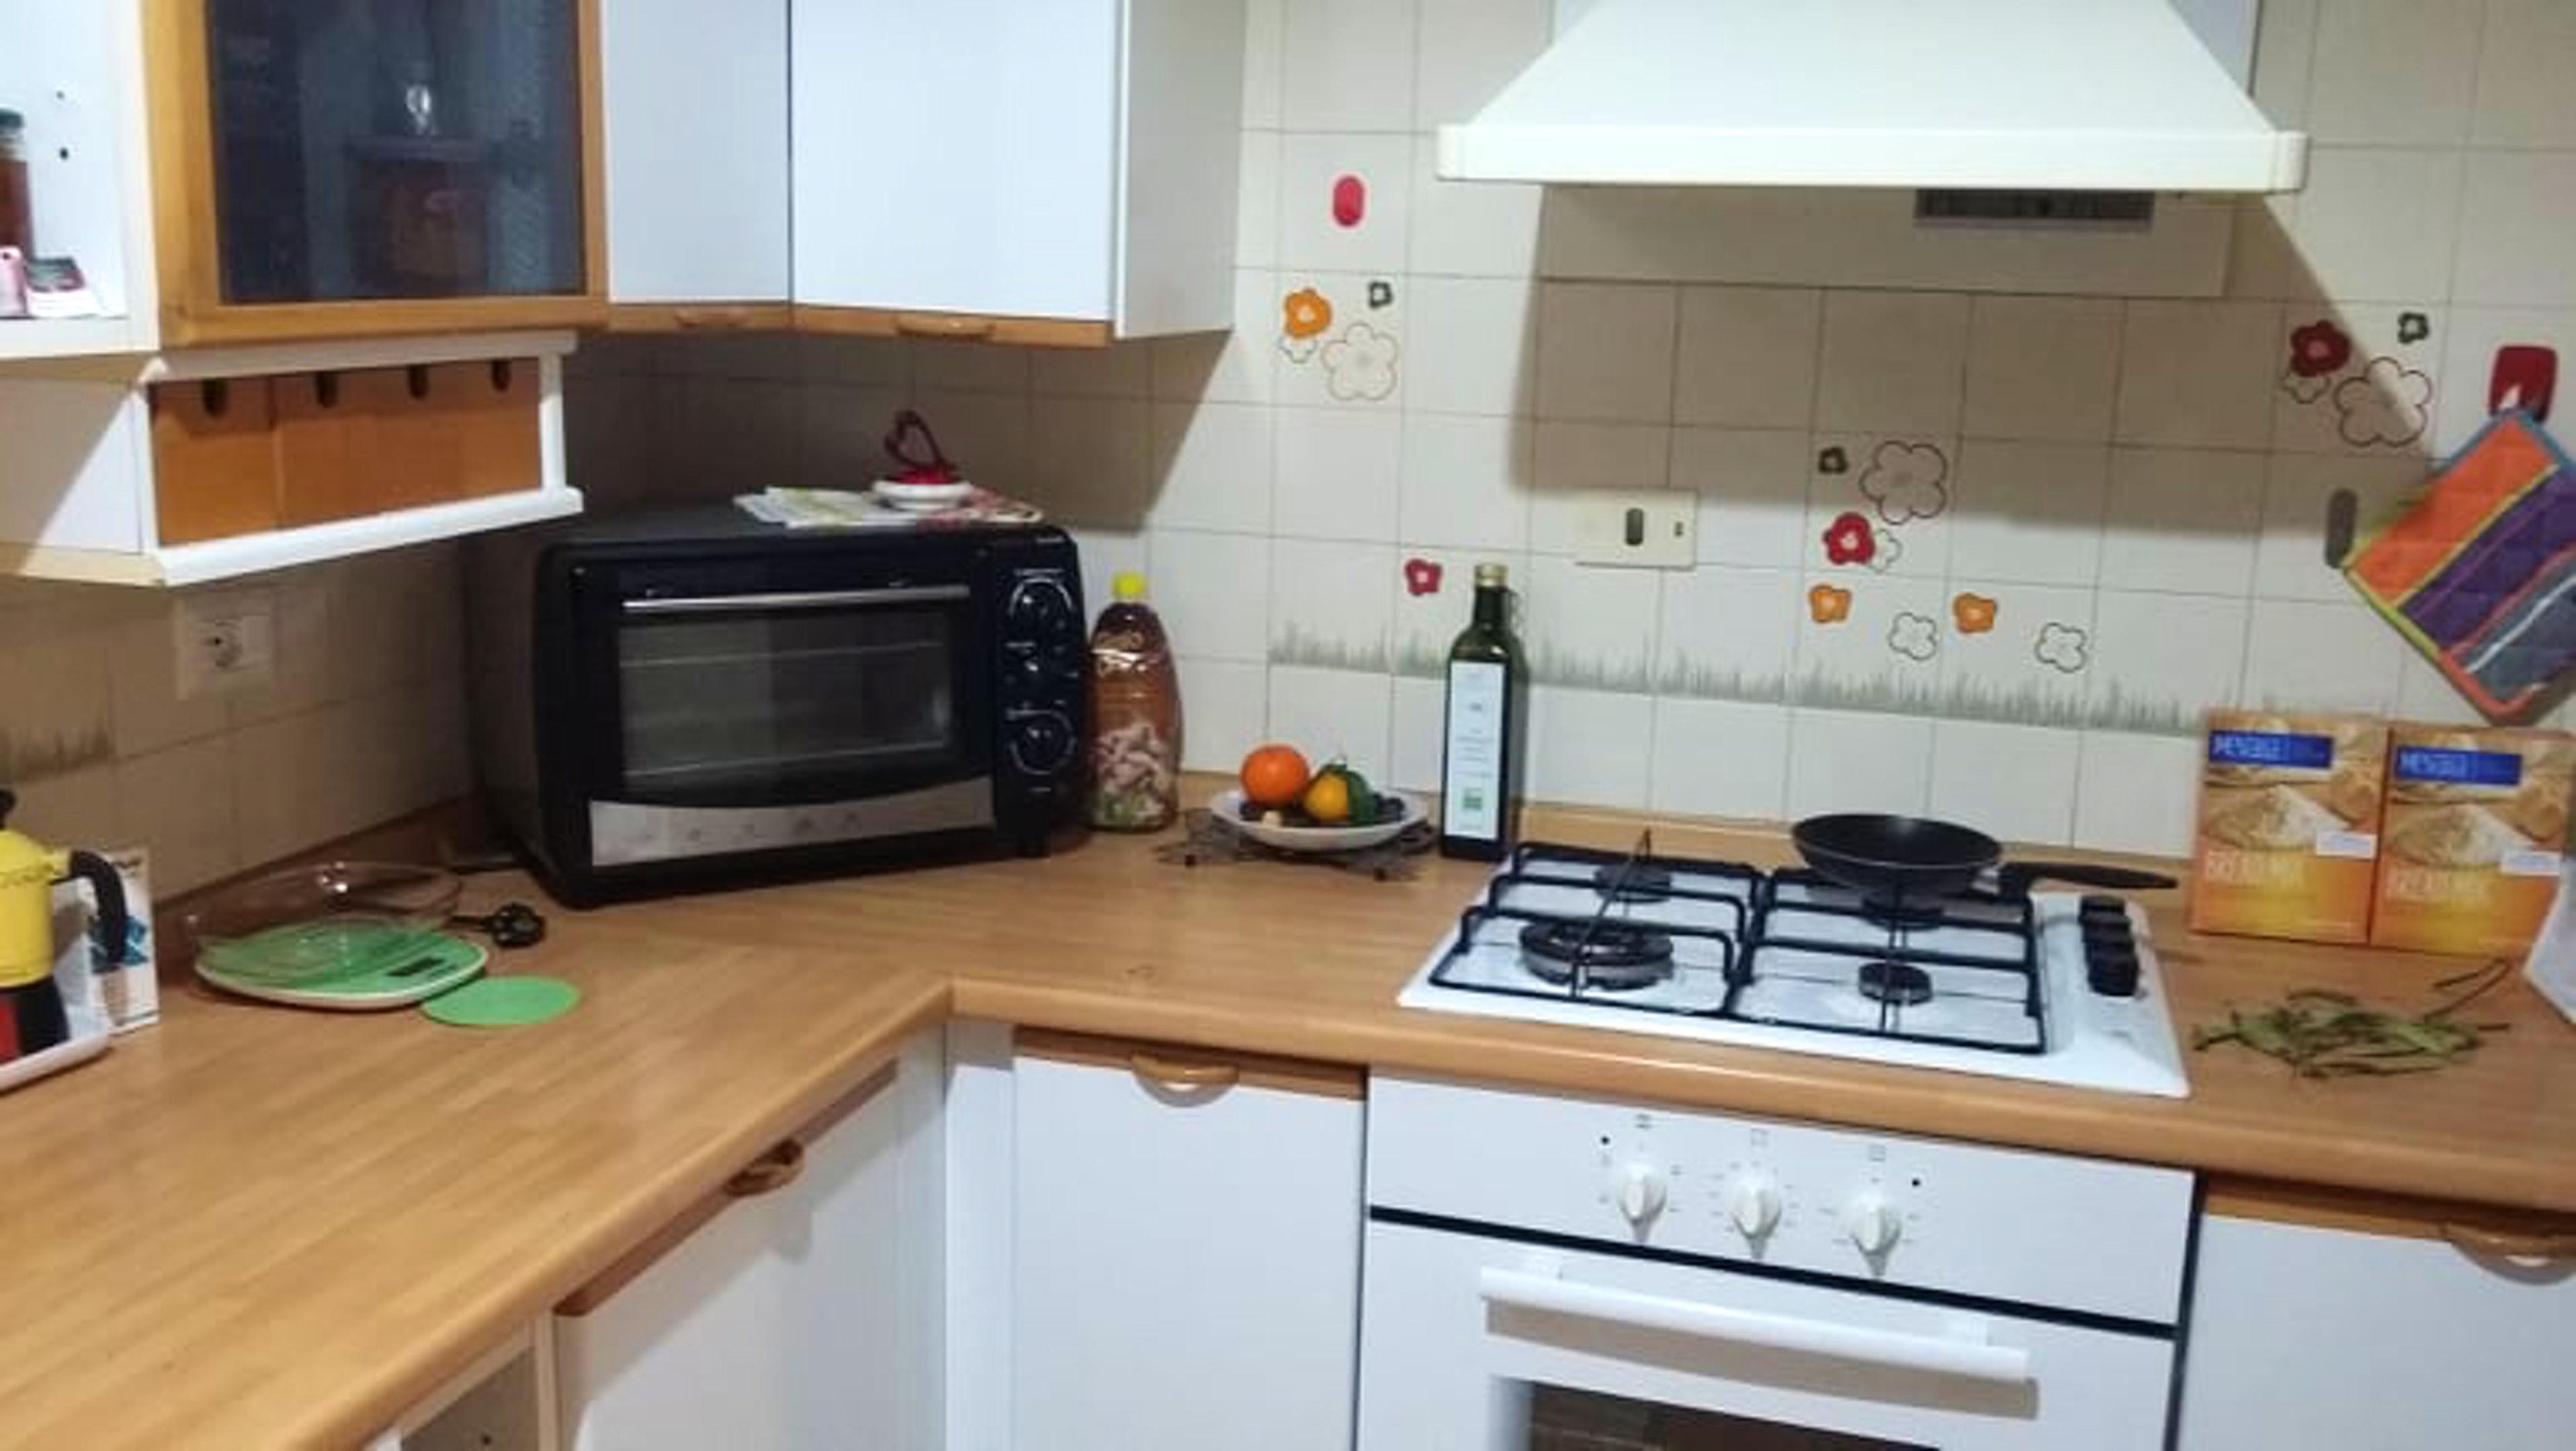 Ferienwohnung Wohnung mit 3 Schlafzimmern in Angri mit schöner Aussicht auf die Stadt und möbliertem Bal (2557376), Angri, Salerno, Kampanien, Italien, Bild 8